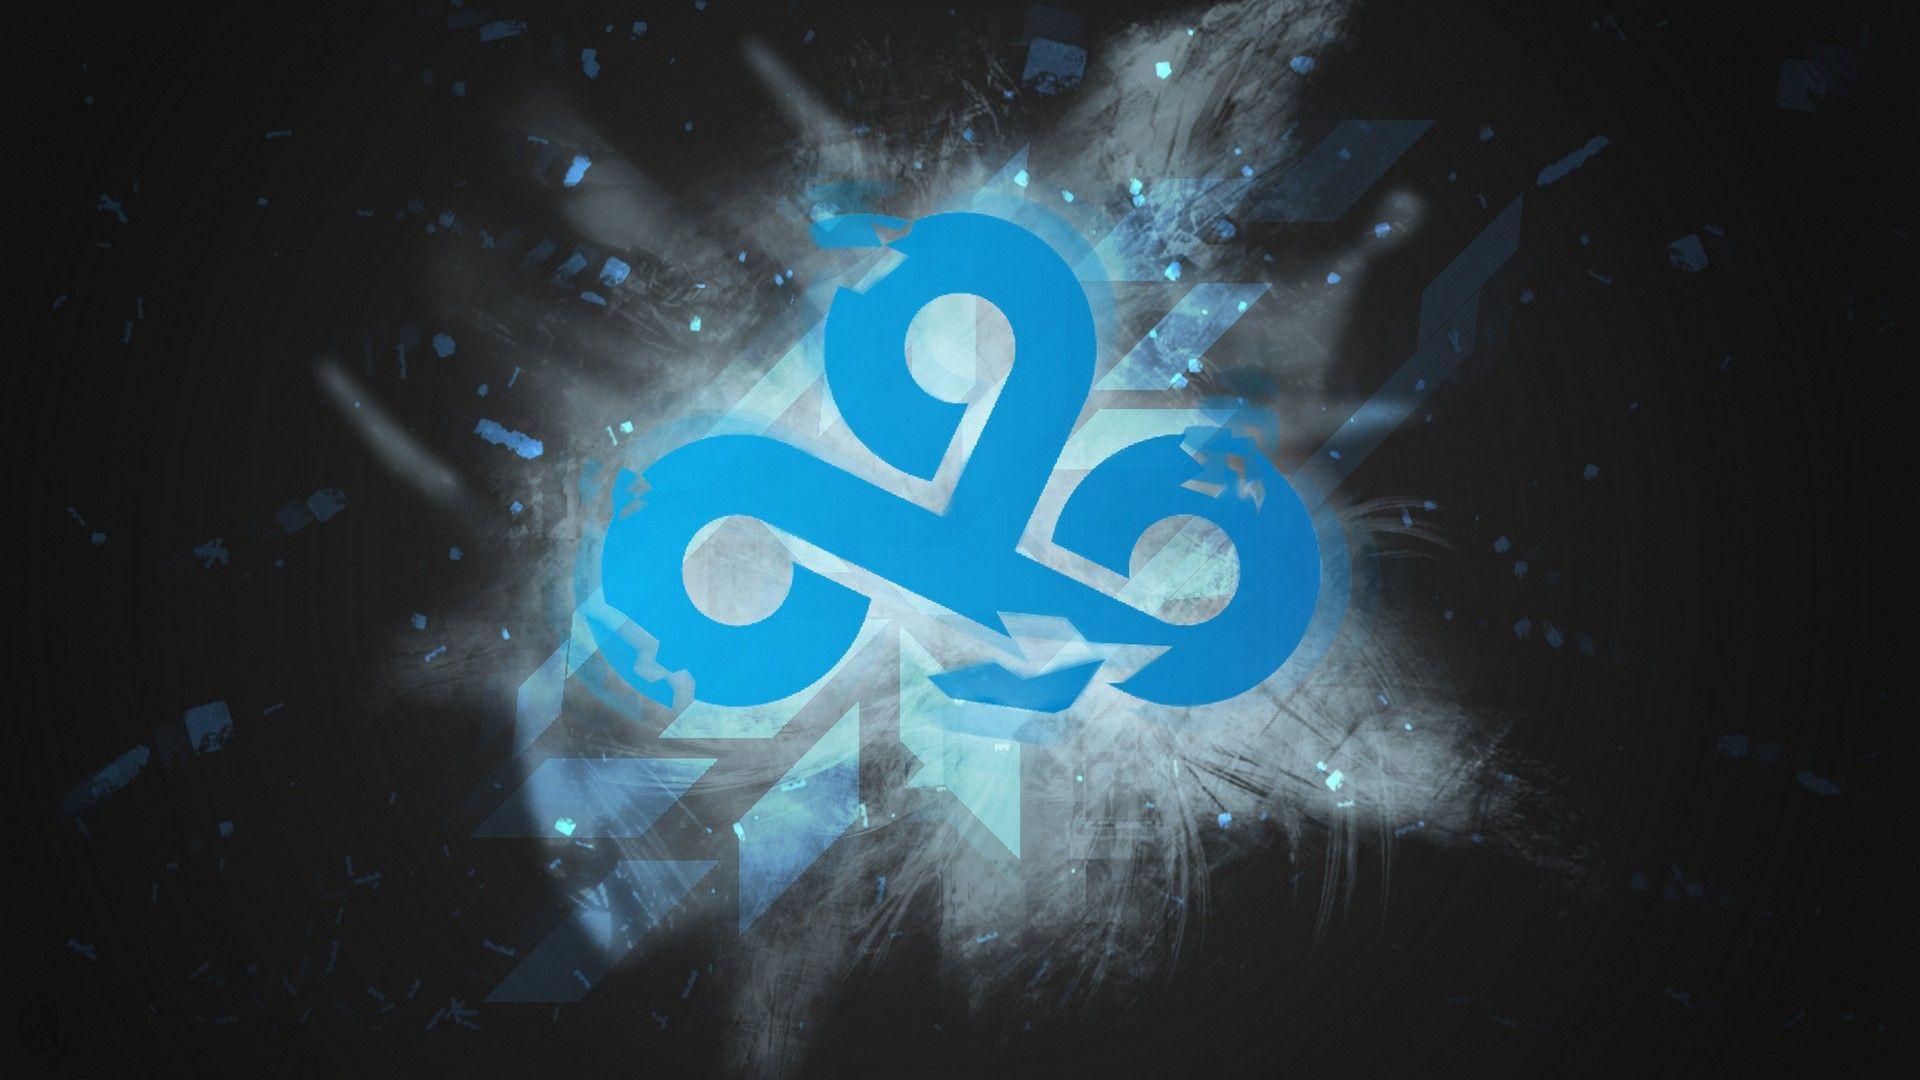 Cloud 9 Desktop Backgrounds Hd Best Hd Wallpapers Cloud 9 Hd Cute Wallpapers Live Wallpapers